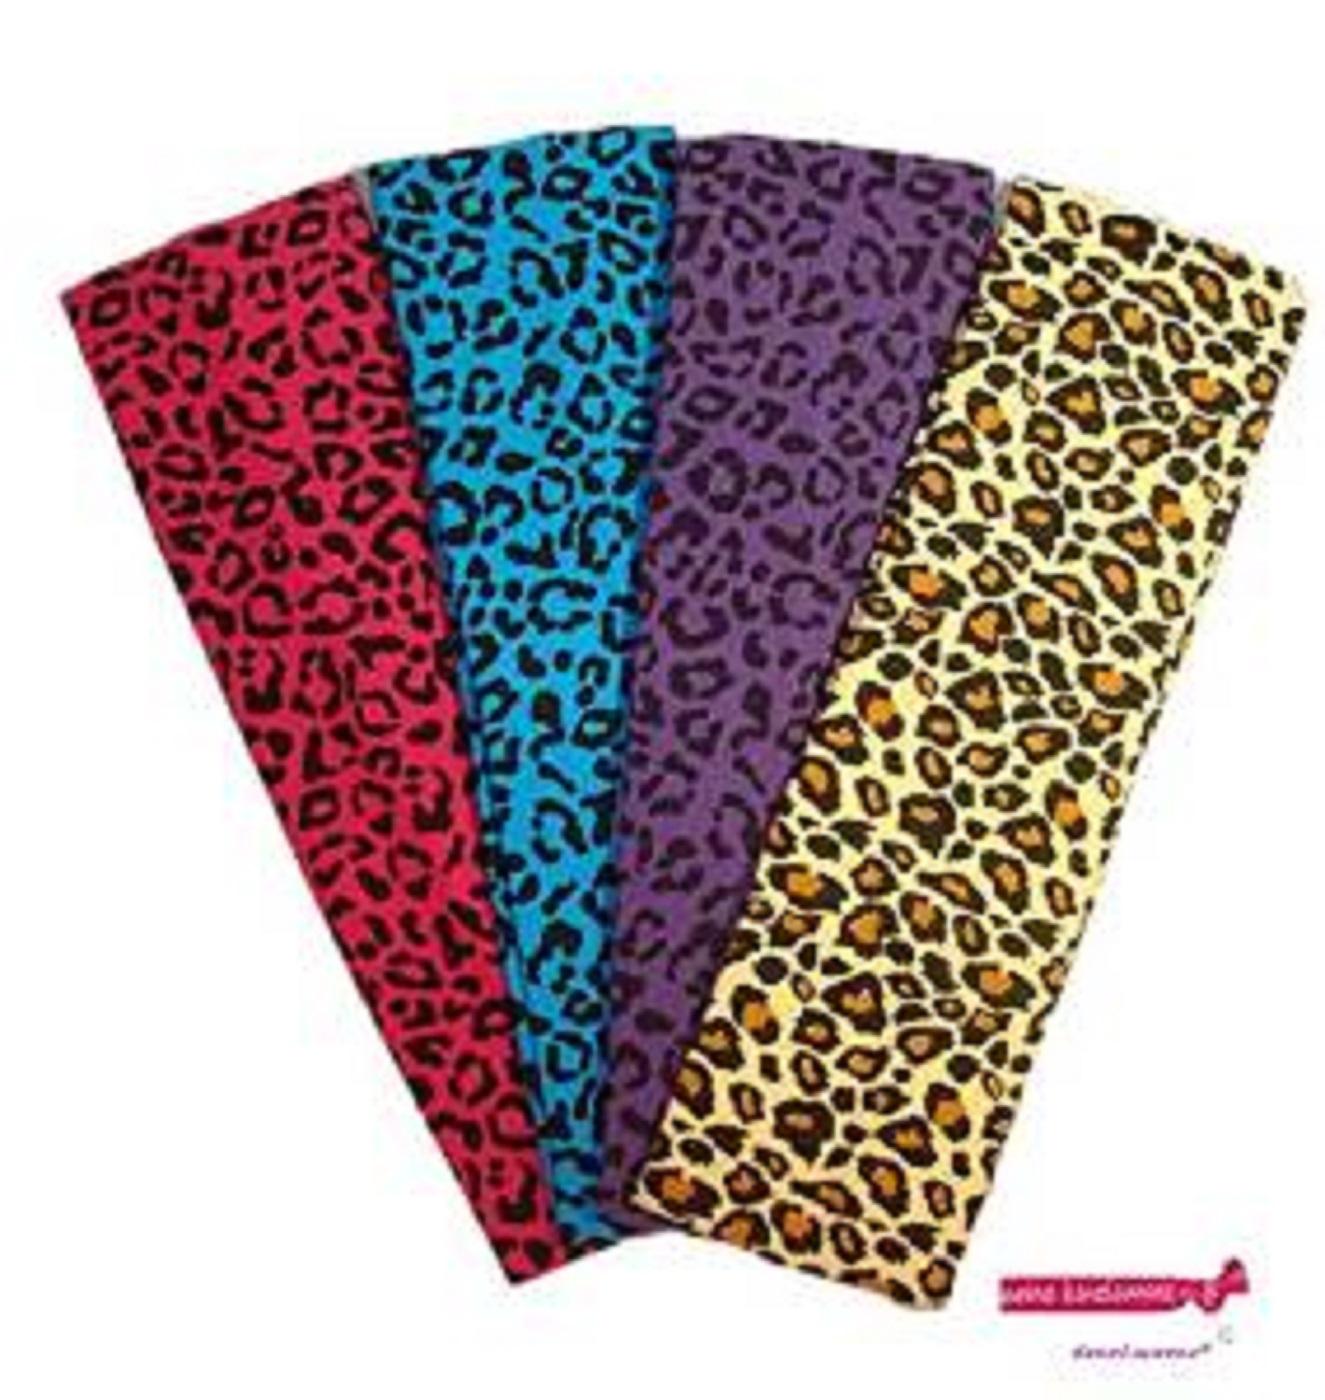 Kenz Laurenz Cotton Headbands 4 Soft Stretch Headband Sweat Absorbent Elastic Head Bands Cheetah Set